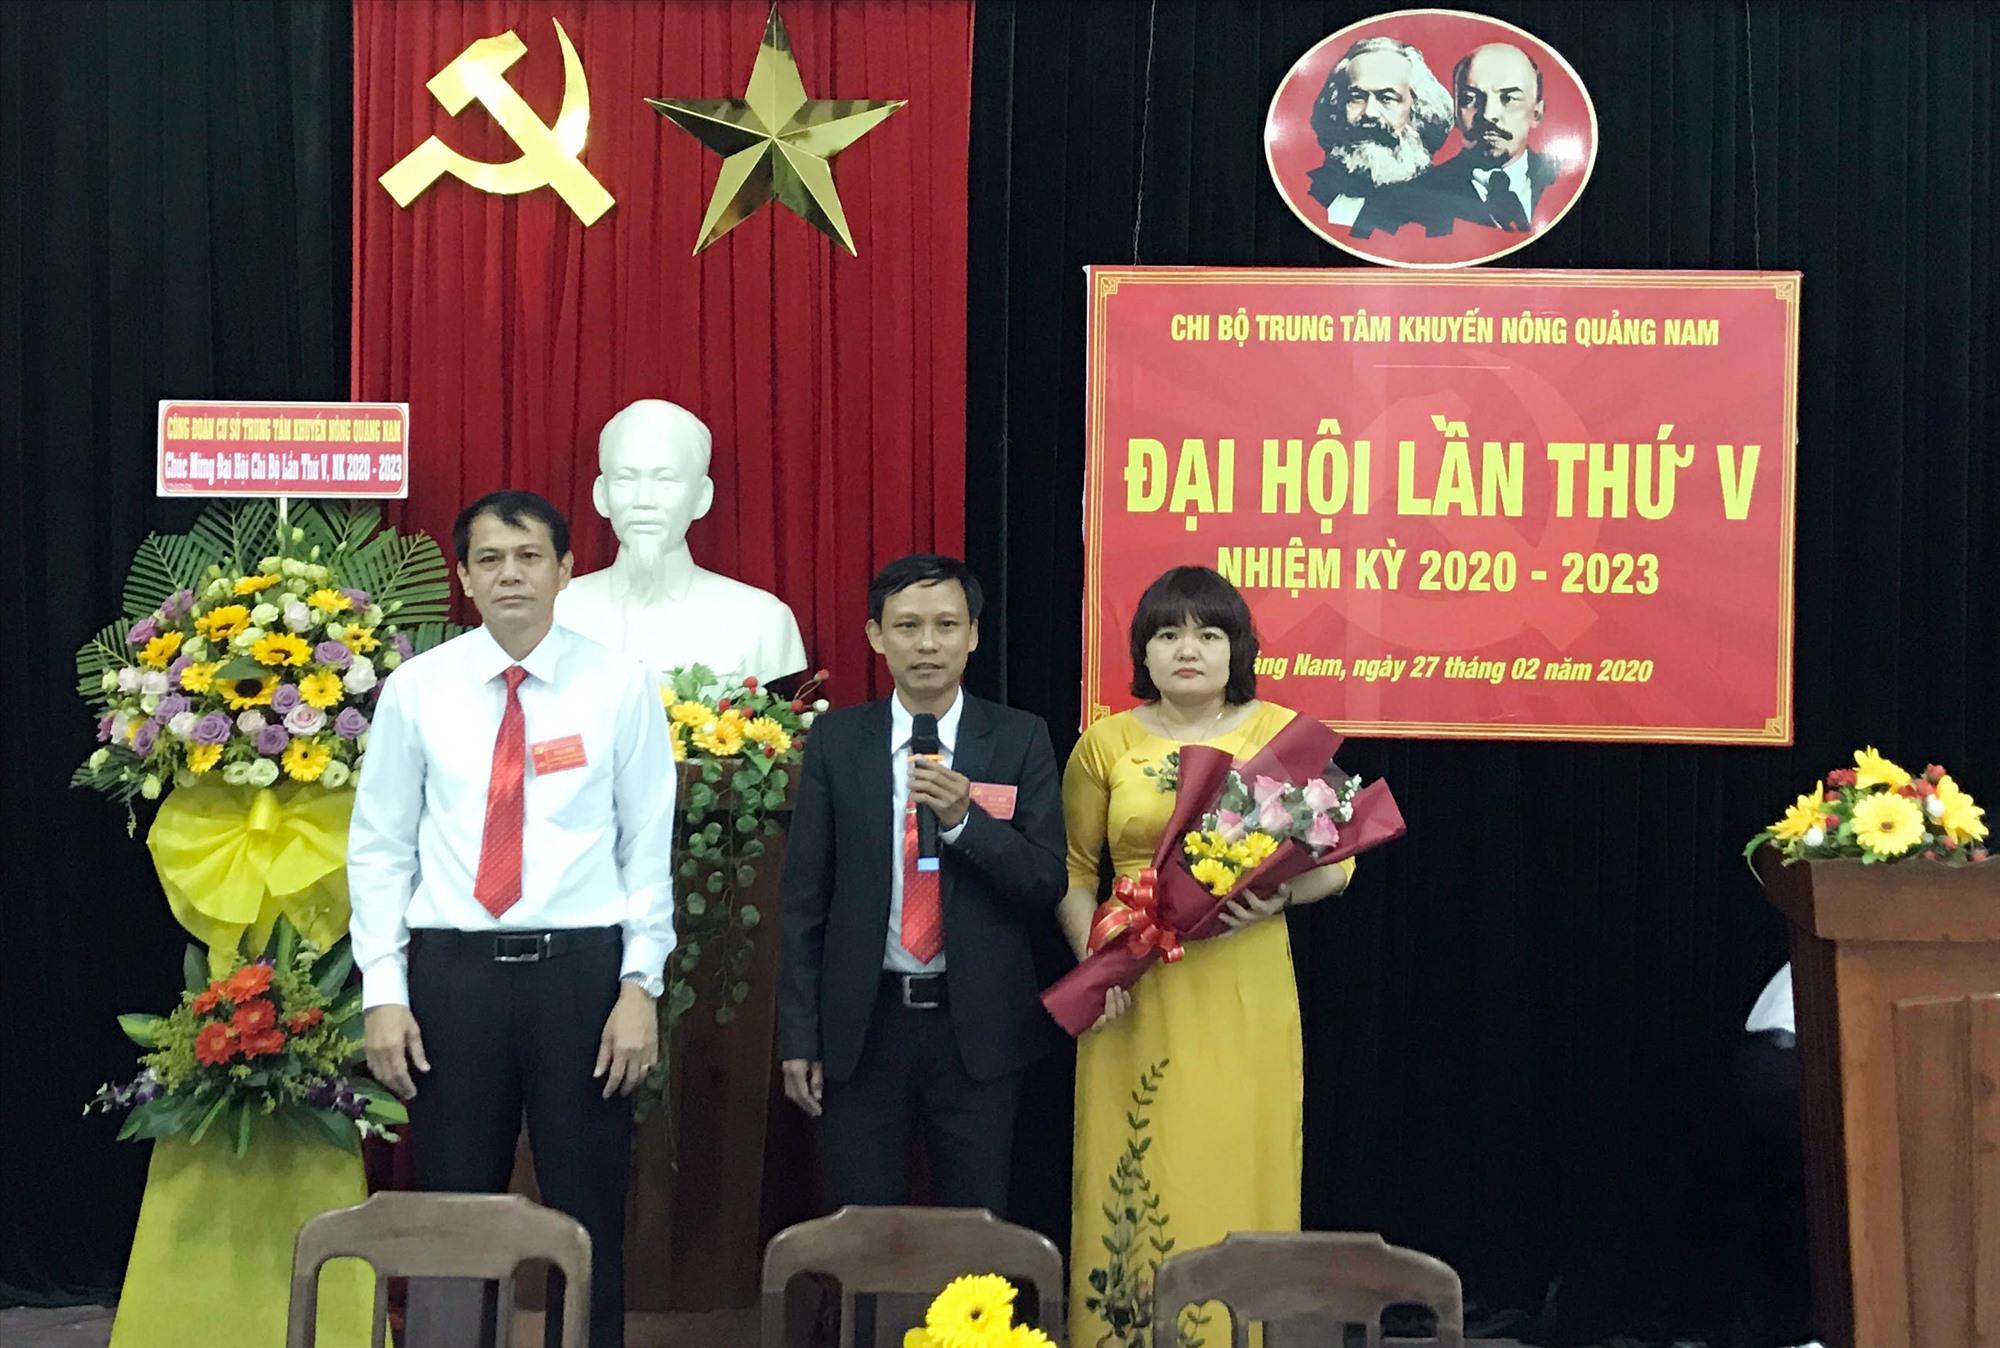 Chi ủy Chi bộ Trung tâm Khuyến nông tỉnh nhiệm kỳ 2020 - 2023. Ảnh: khuyennongqnam.gov.vn